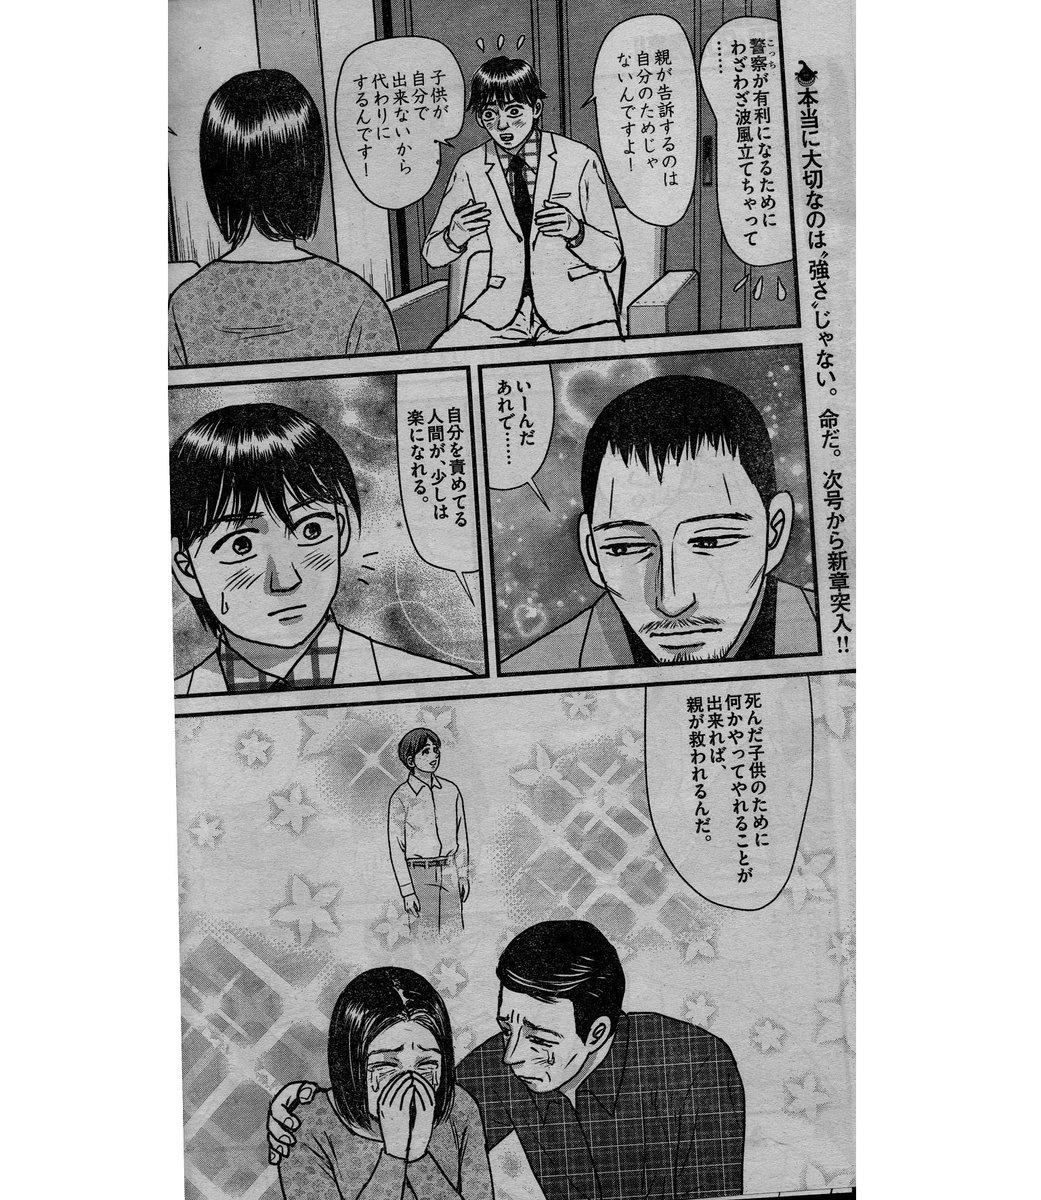 #刑事ゆがみ Latest News Trends Updates Images - yuuseikamenn